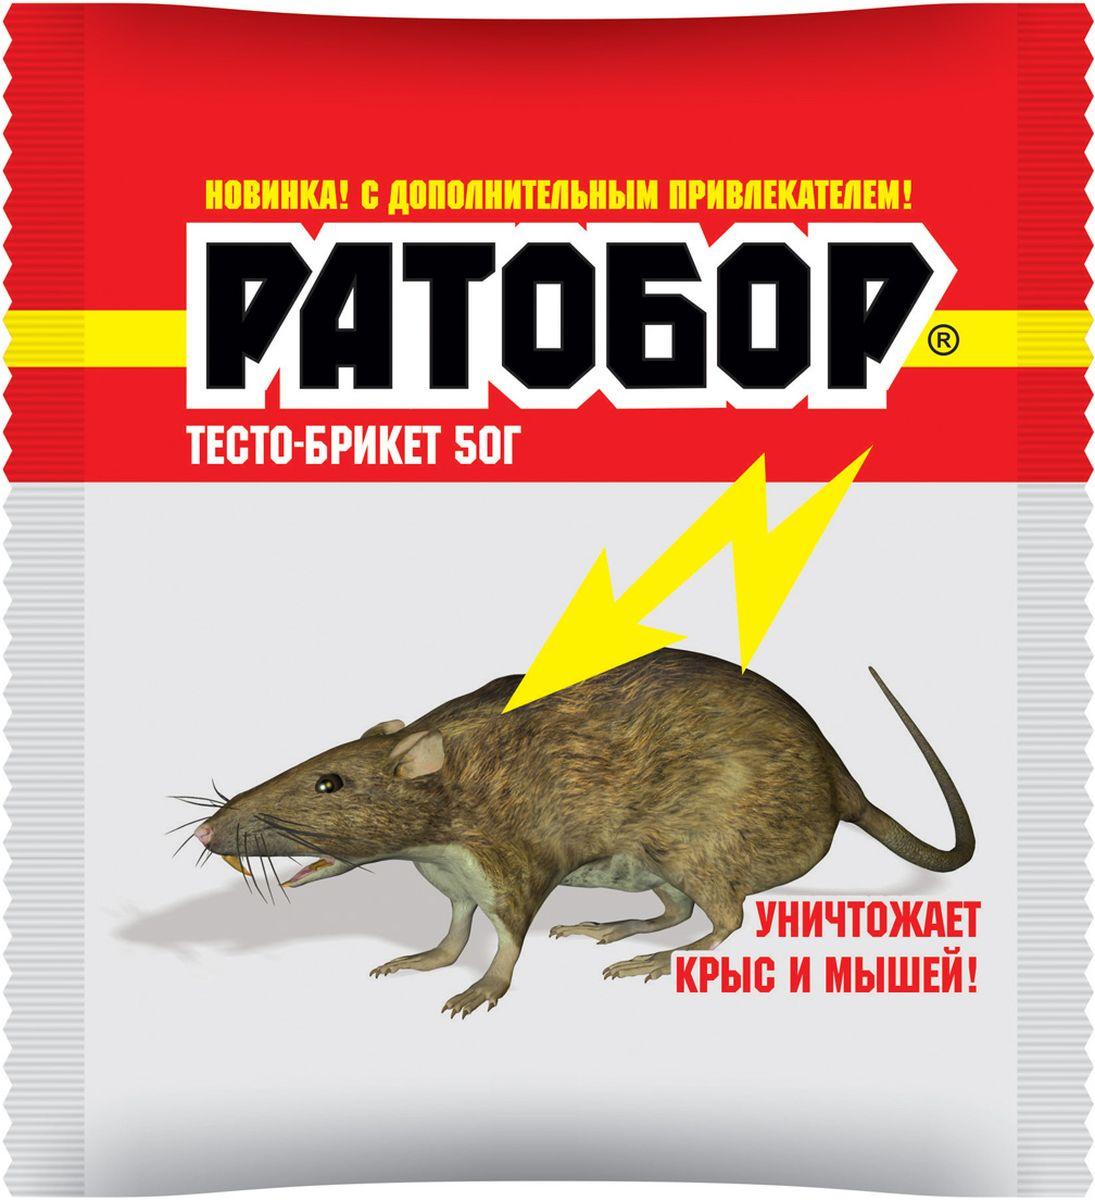 Приманка Ратобор Тесто-брикет, от мышей и крыс, 5 шт х 10 гvh-bi-0003Тесто-брикет Ратобор готовая приманка для уничтожения крыс и мышей. Препарат настолько привлекателен для грызунов своим запахом и вкусом, что они охотно поедают его даже при наличии другой пищи. Гибель грызунов наступает не сразу, а через 5-8 дней. Поэтому у других членов стаи не возникает опаски, в результате гибнет вся группа. Тушки умерших грызунов мумифицируются и не издают неприятного запаха. Препарат удобен при раскладке.Состав: бродифакум - 0,005%; битрекс, краситель, пищевая основа. Применение: брикеты раскладывают на подложки (б/у жестяные крышки, картонки) или в лотки по 1 штуке против мышей и по 1-2 штуке против крыс вблизи от нор, вдоль стен и перегородок через 2-4 метра.Товар сертифицирован.